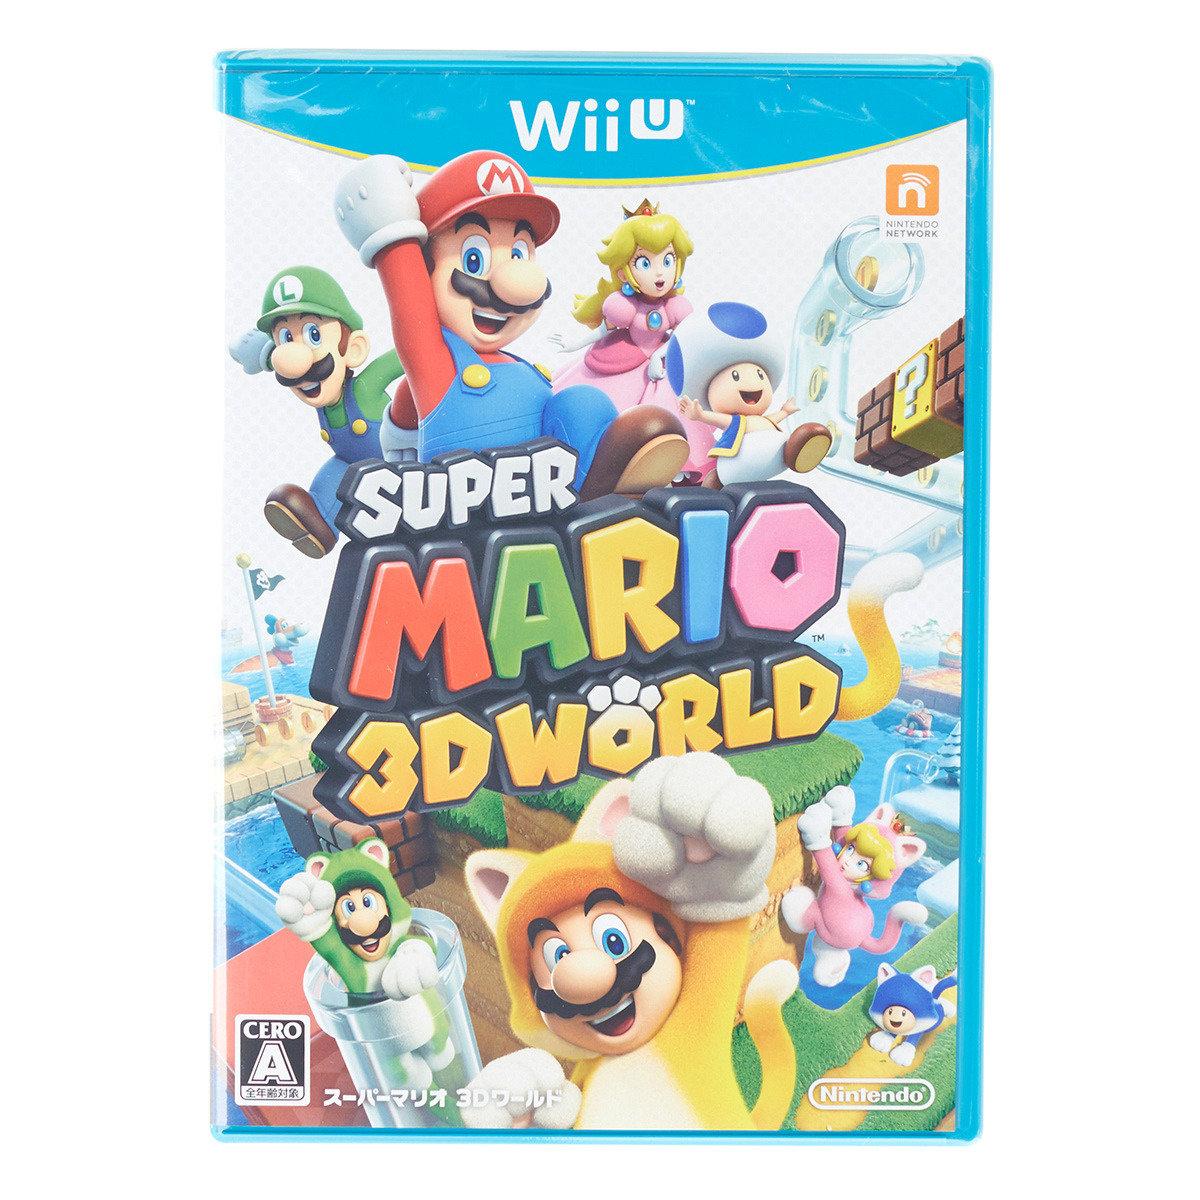 超級瑪利歐 3D 世界 (日版)